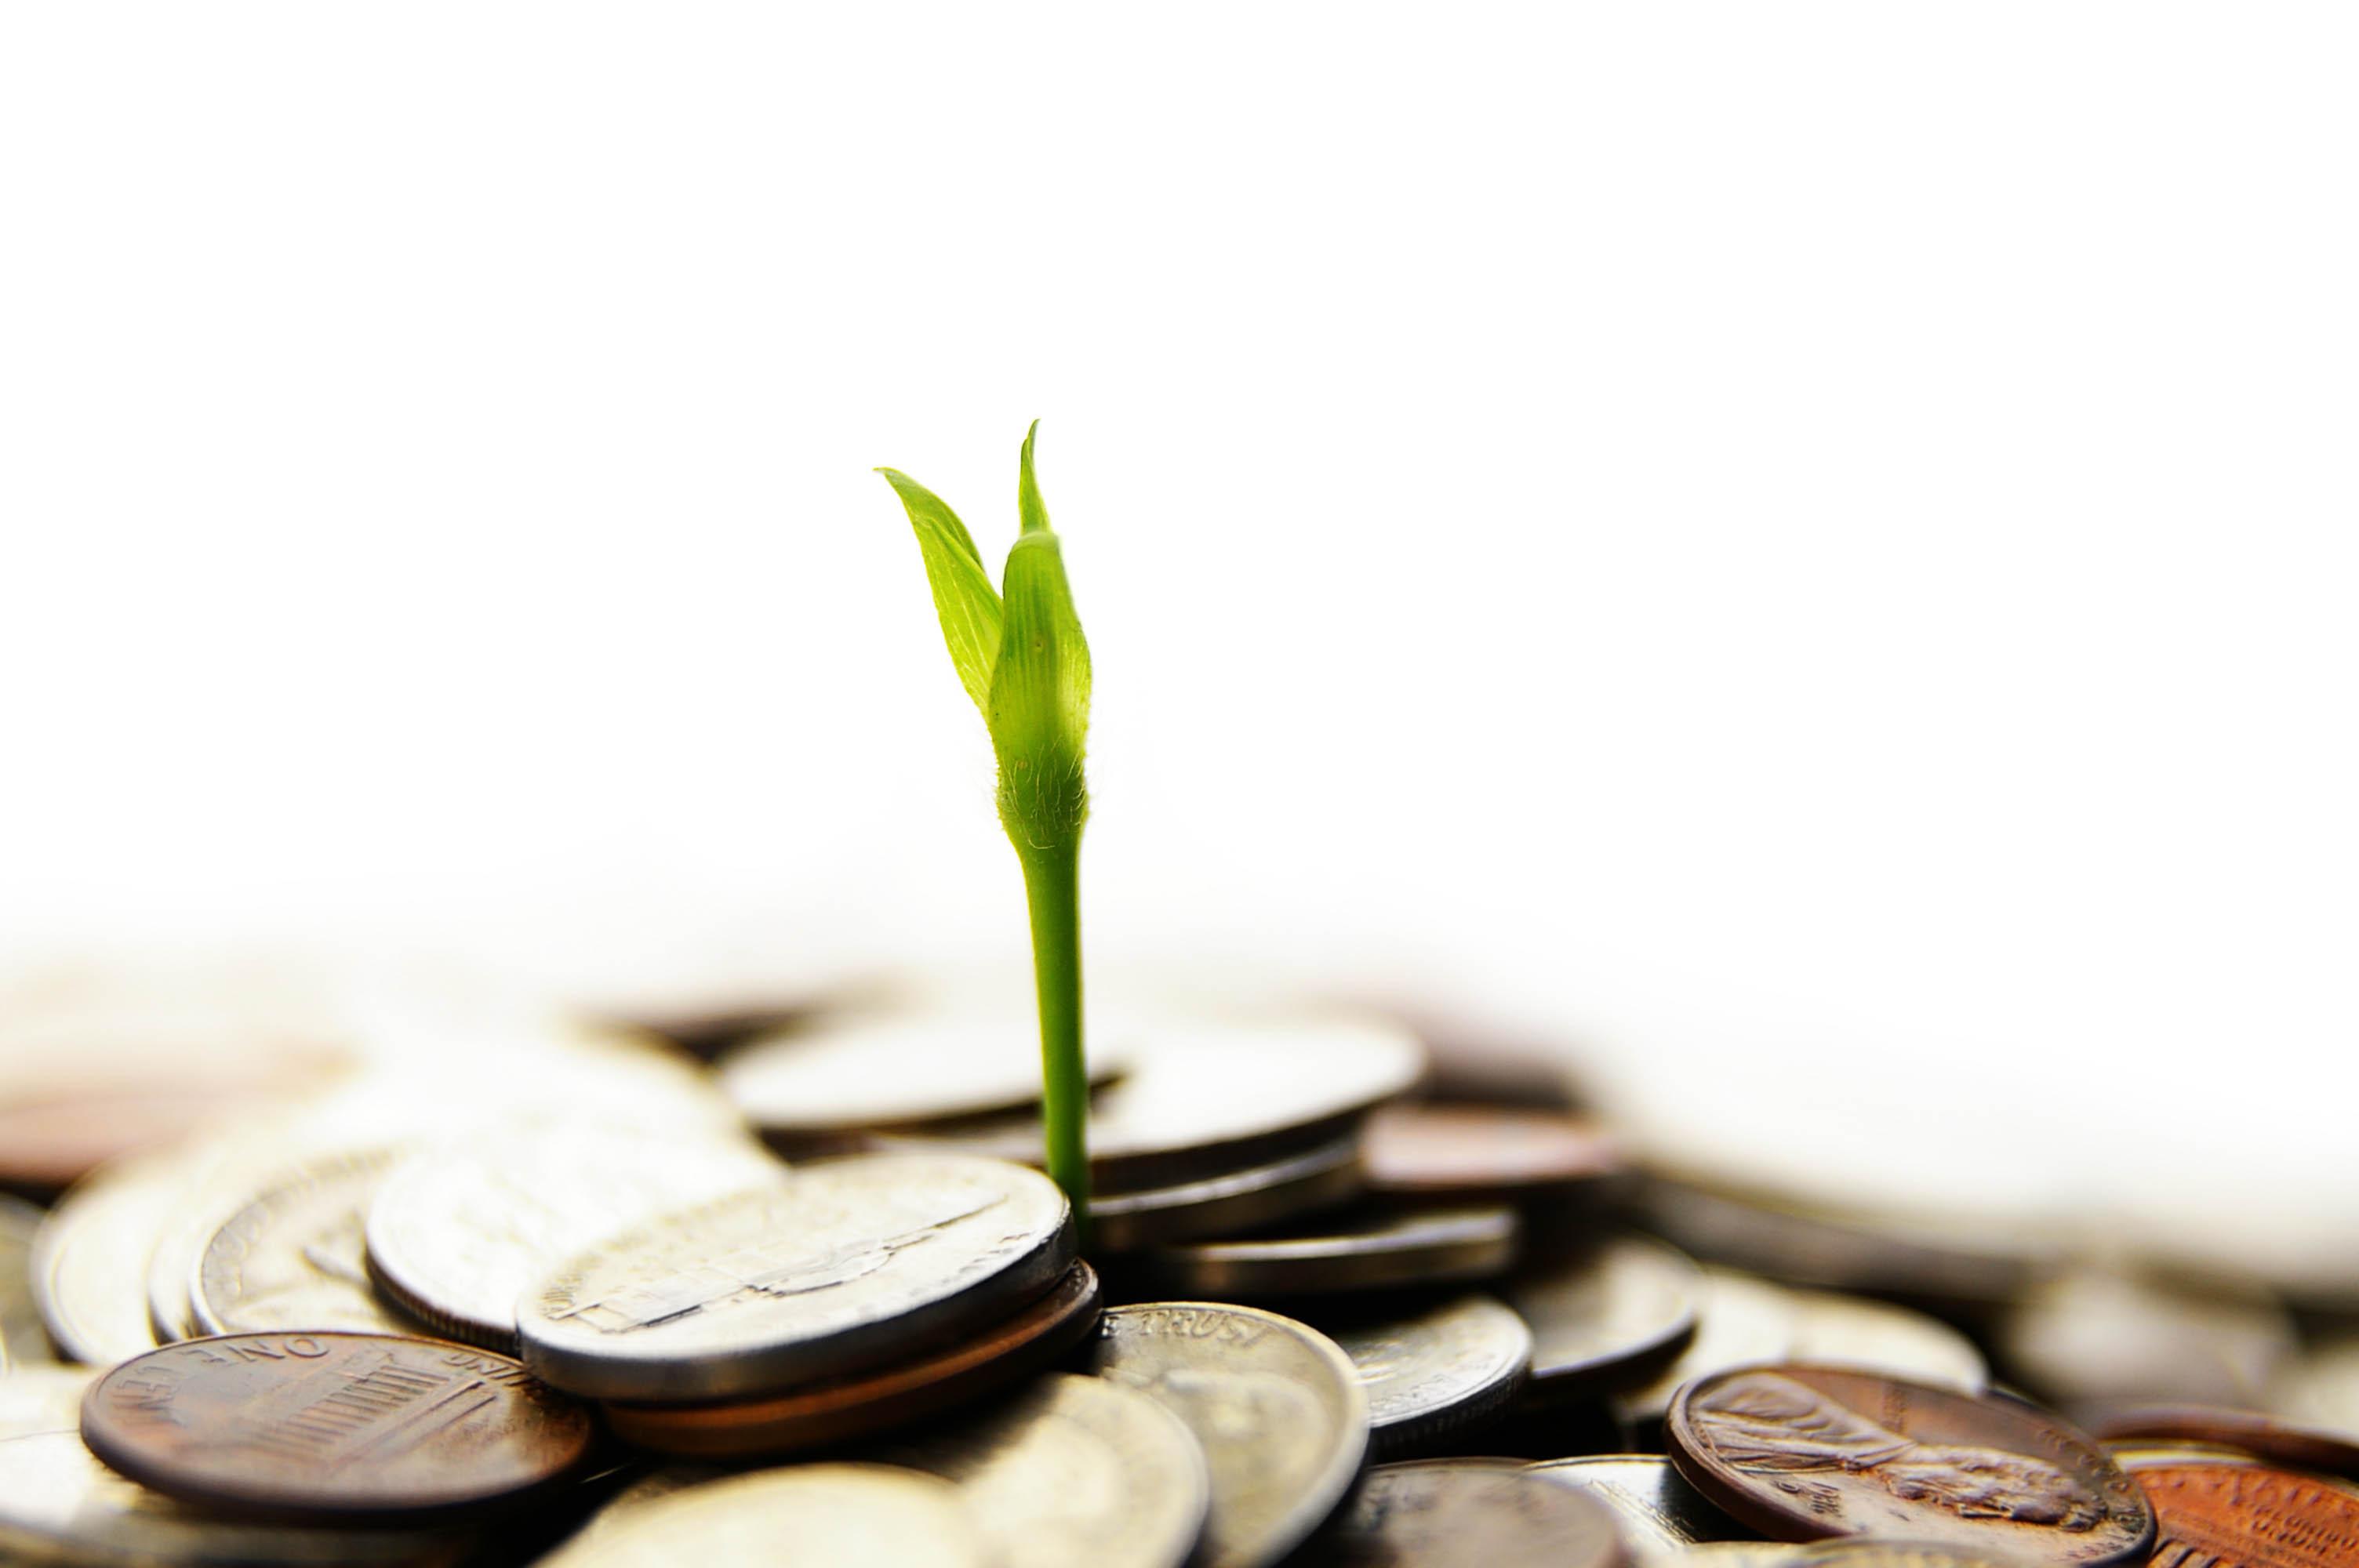 investimento custo de importacao